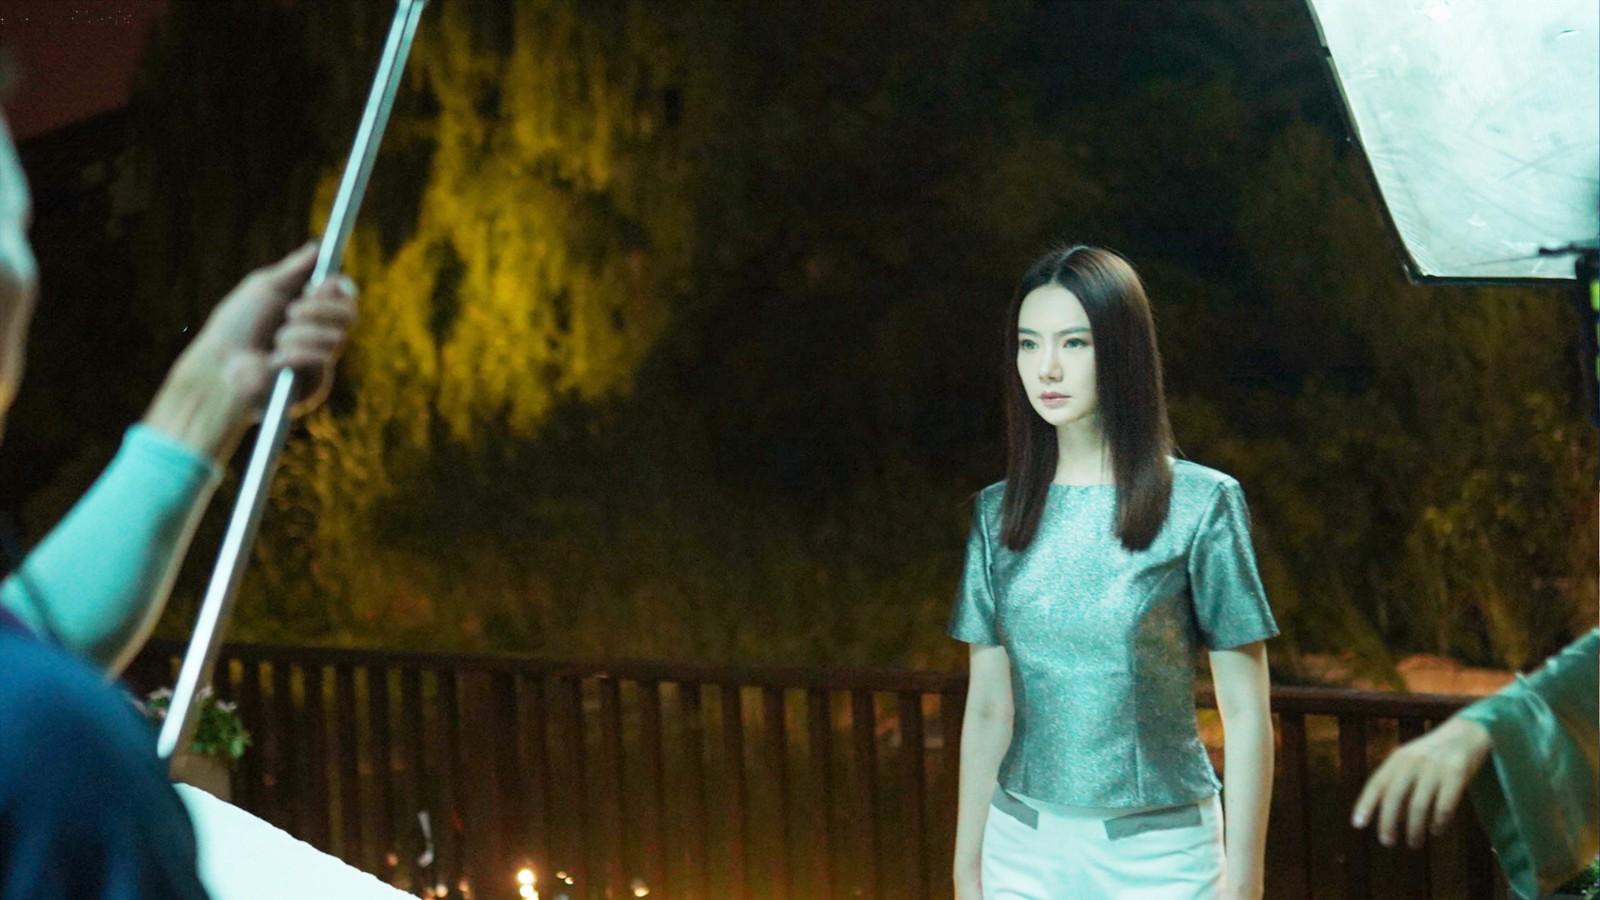 科幻题材电视剧《你好,安怡》,人类与人工智能之间的关系挺微妙